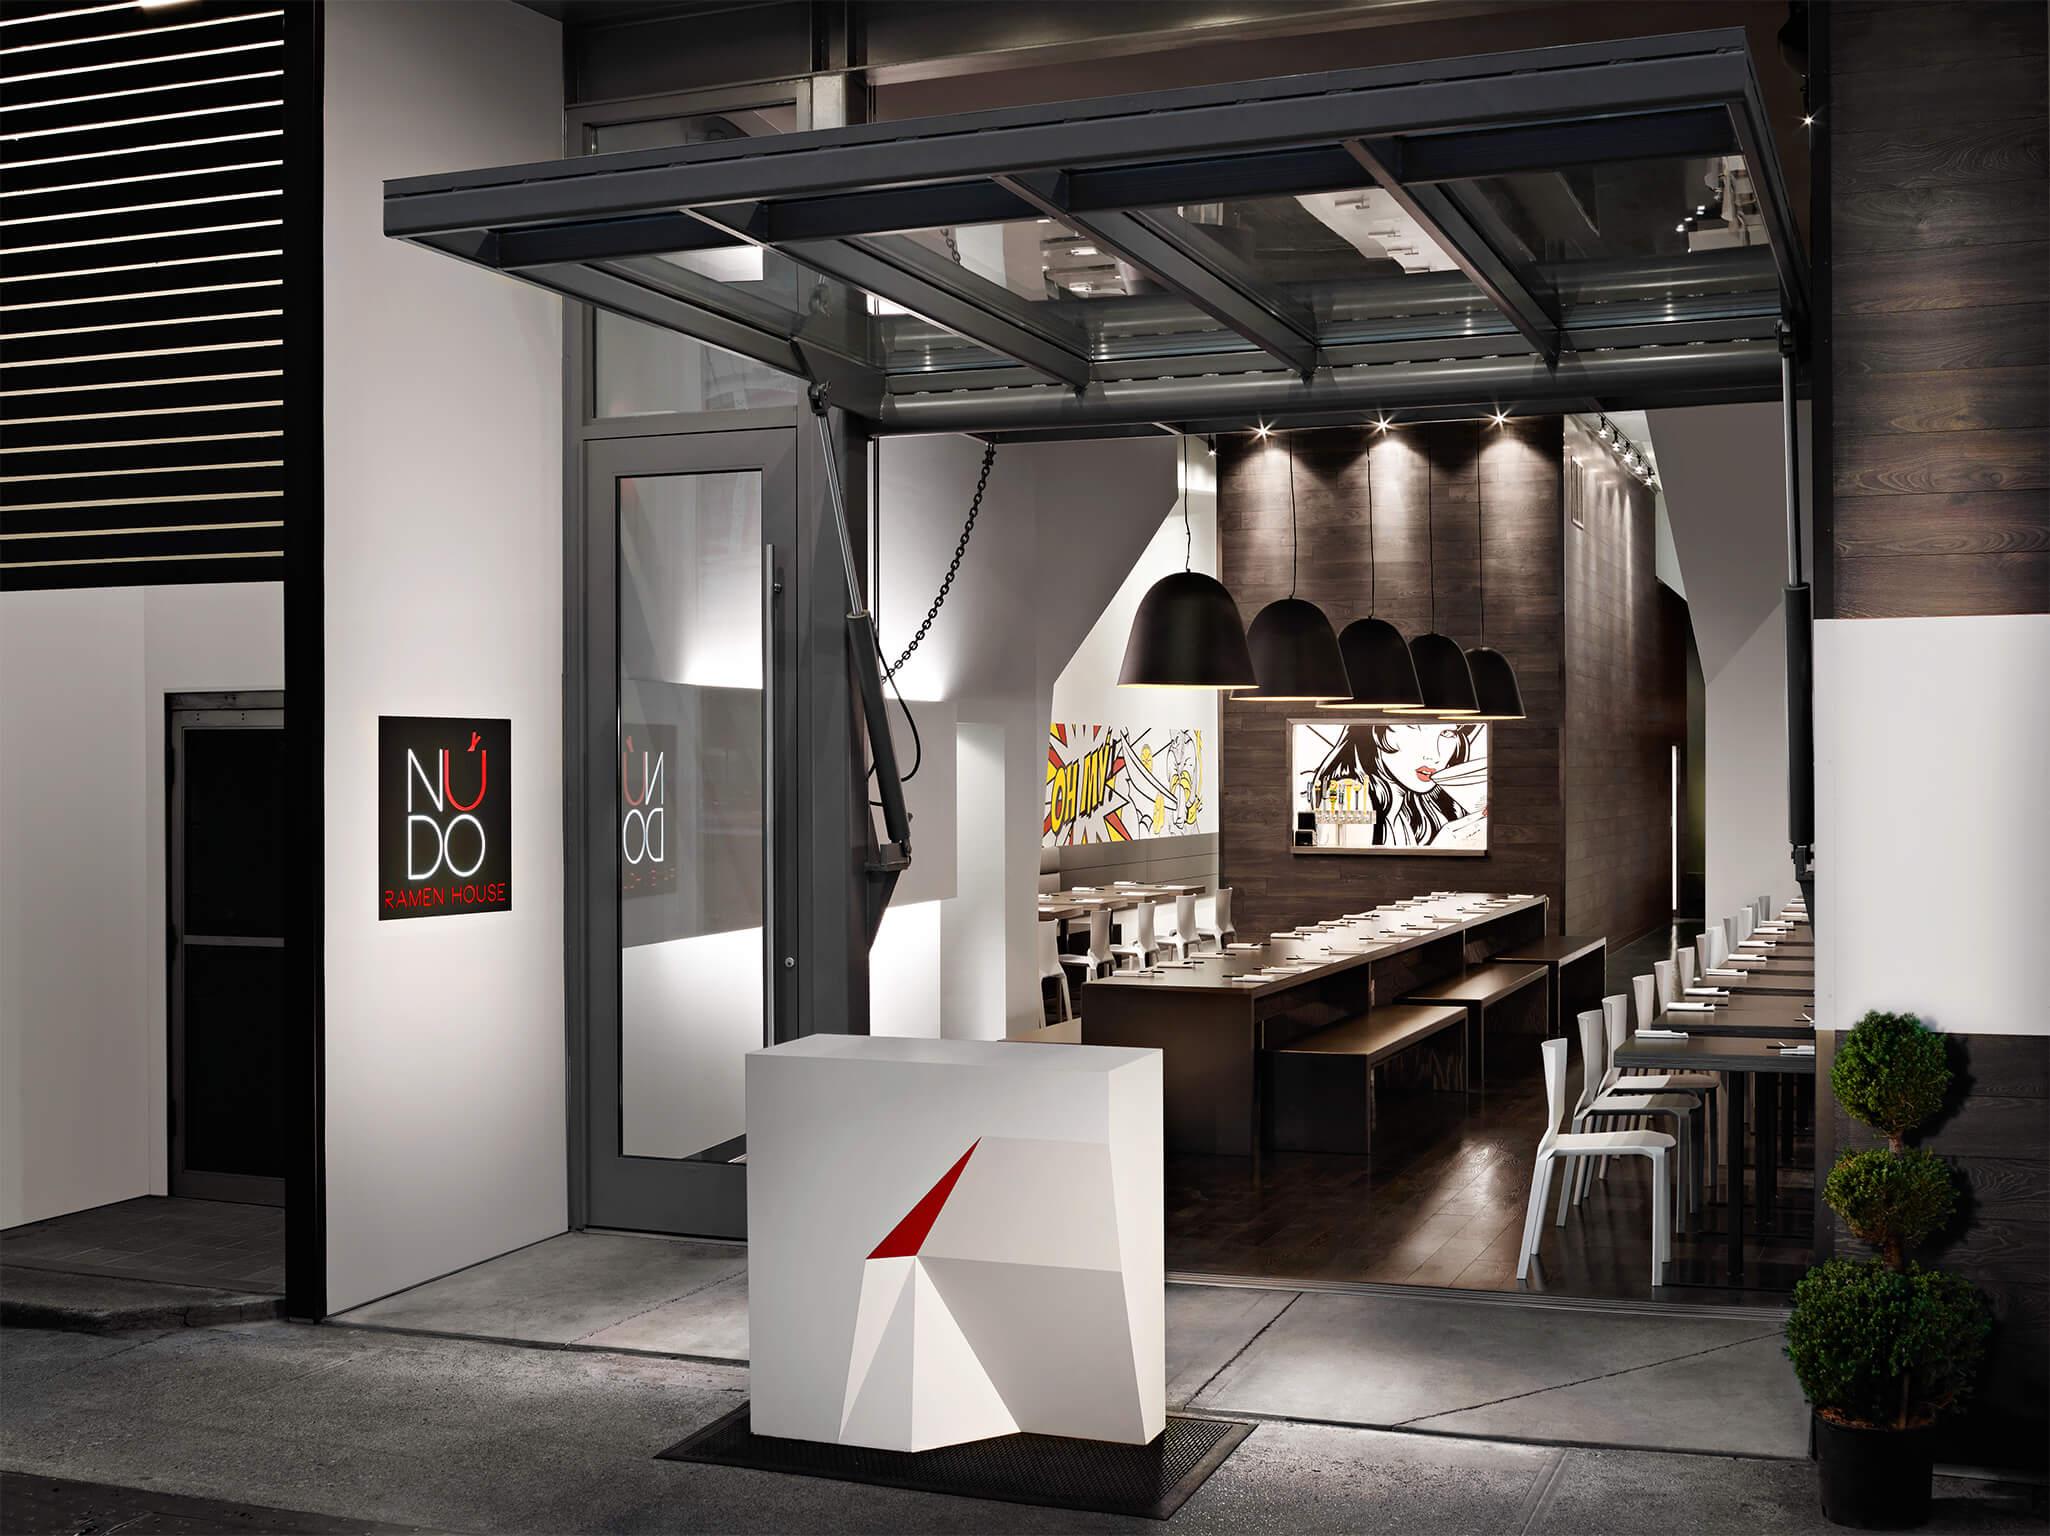 Origami Architecture Design Hdg Architecture Nudo Ramen House